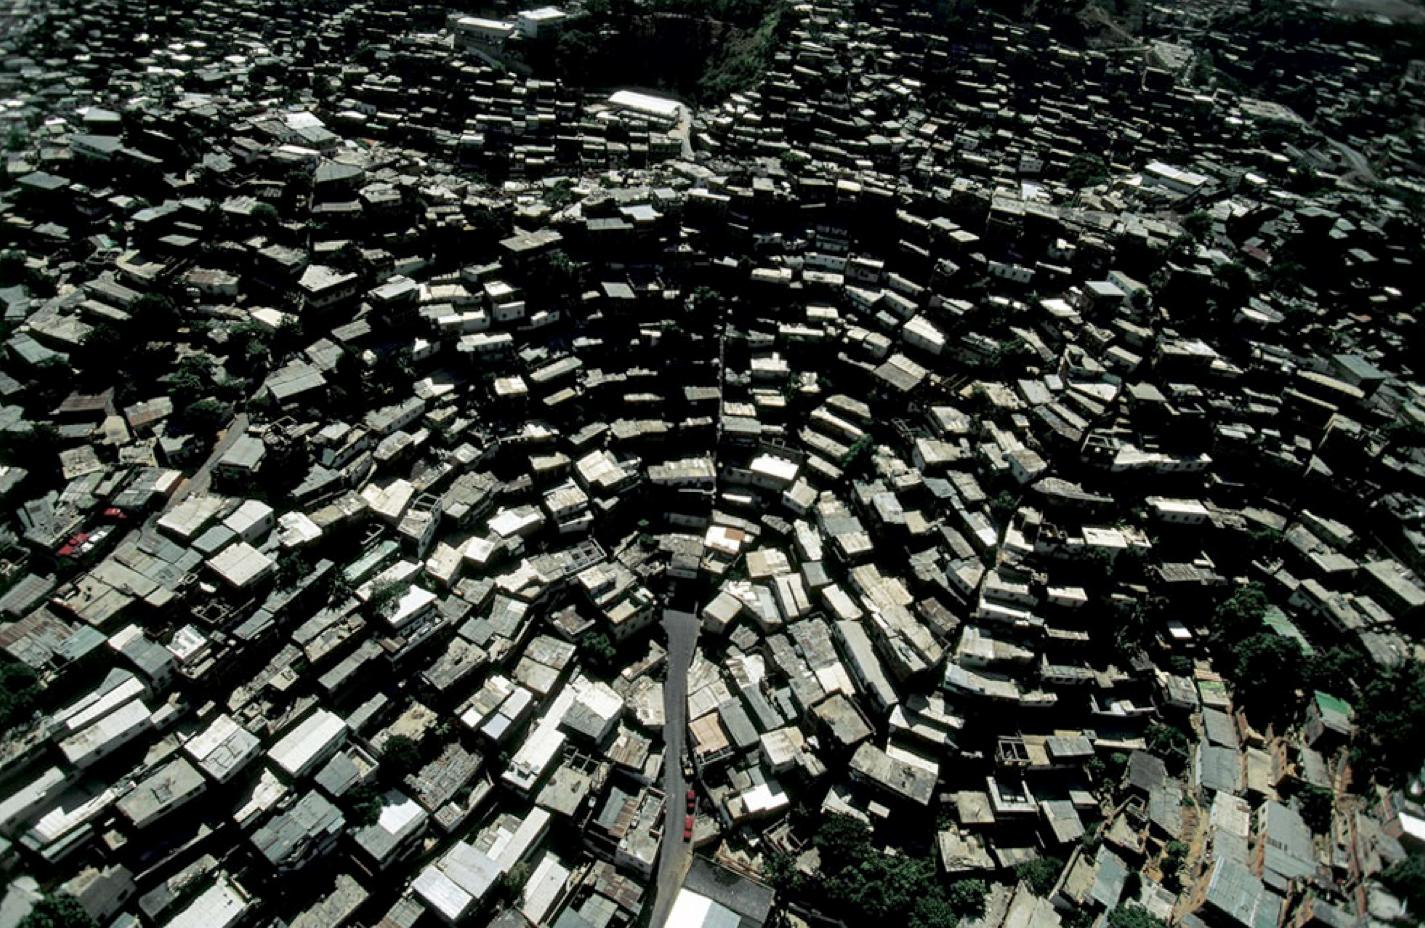 """Cine y Arquitectura: Especial Arqfilmfest 2013 [Parte 1], """"Caracas: The Informal City"""" / Urban-Think Tank. Imagen Vía Caracas1010a"""